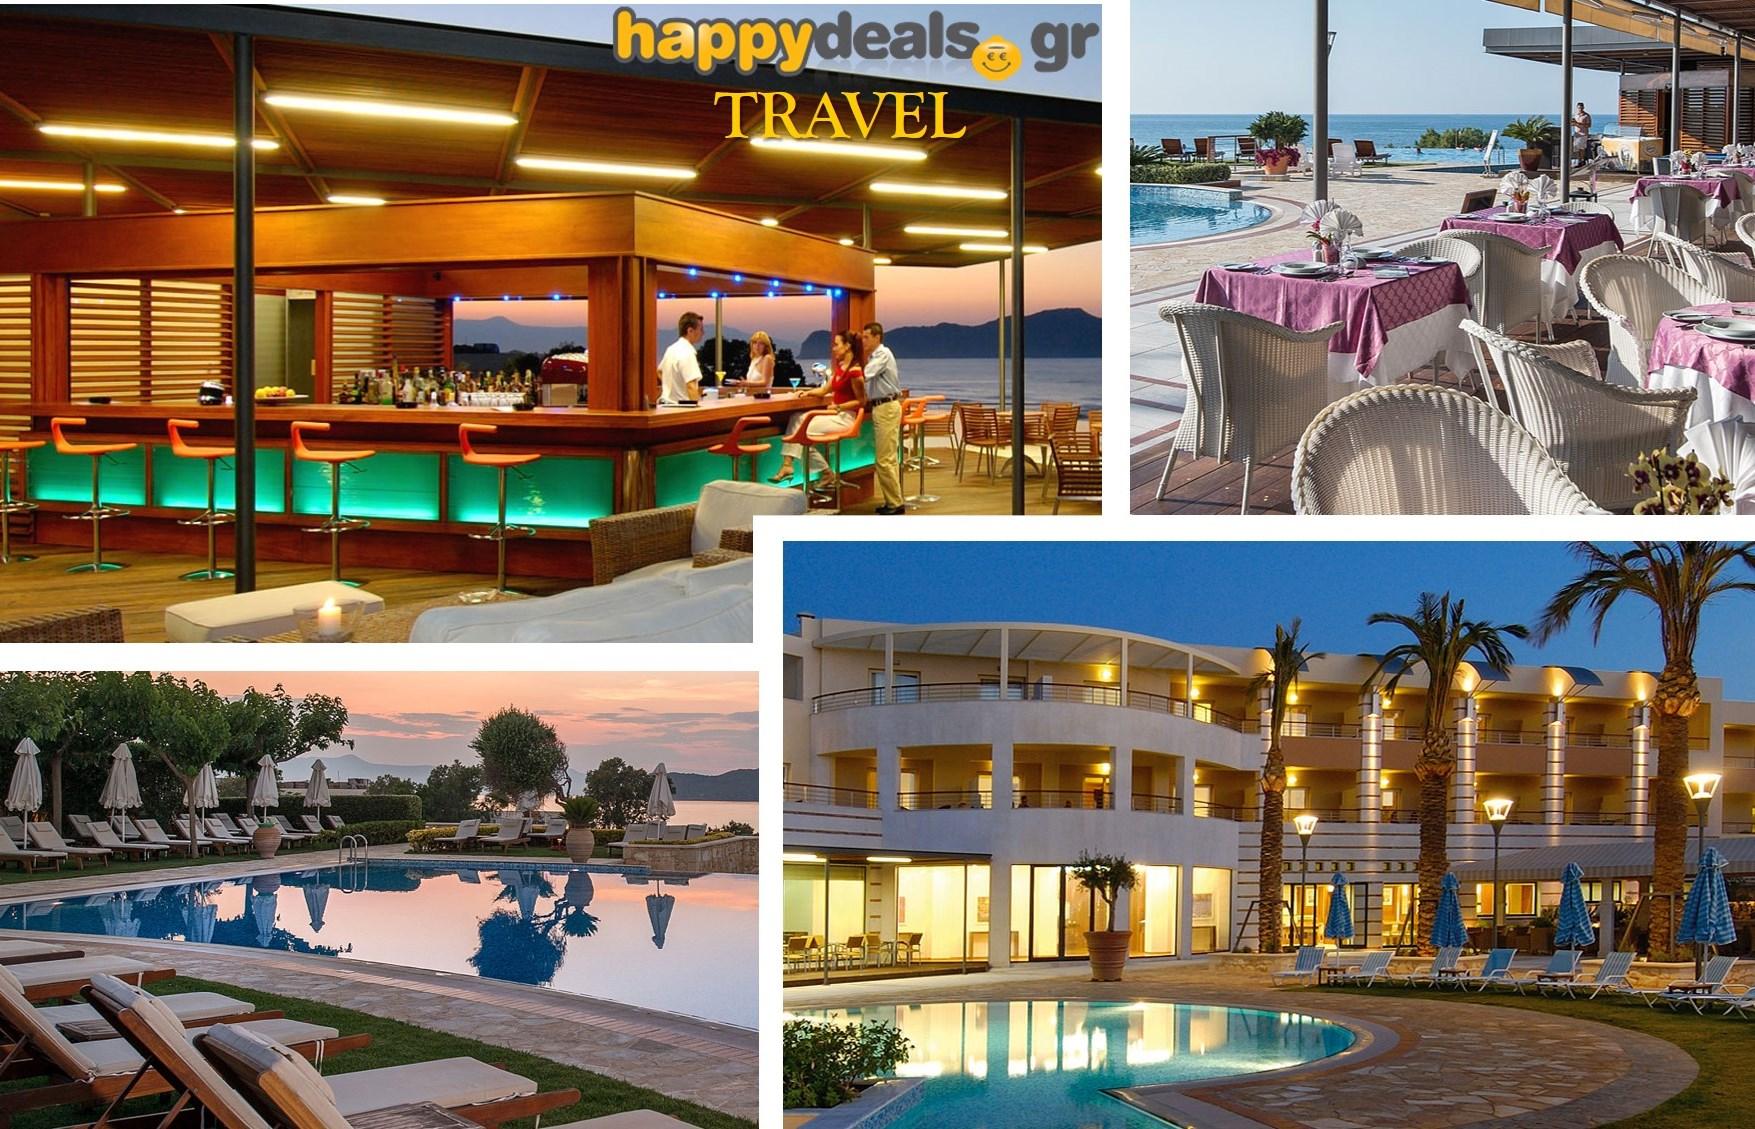 Διακοπές στην ΚΡΗΤΗ: Από 175€ για 5ήμερη απόδραση, με Ημιδιατροφή, στο ονειρεμένο 5* ''Cretan Dream'' στο Σταλό Χανίων εικόνα